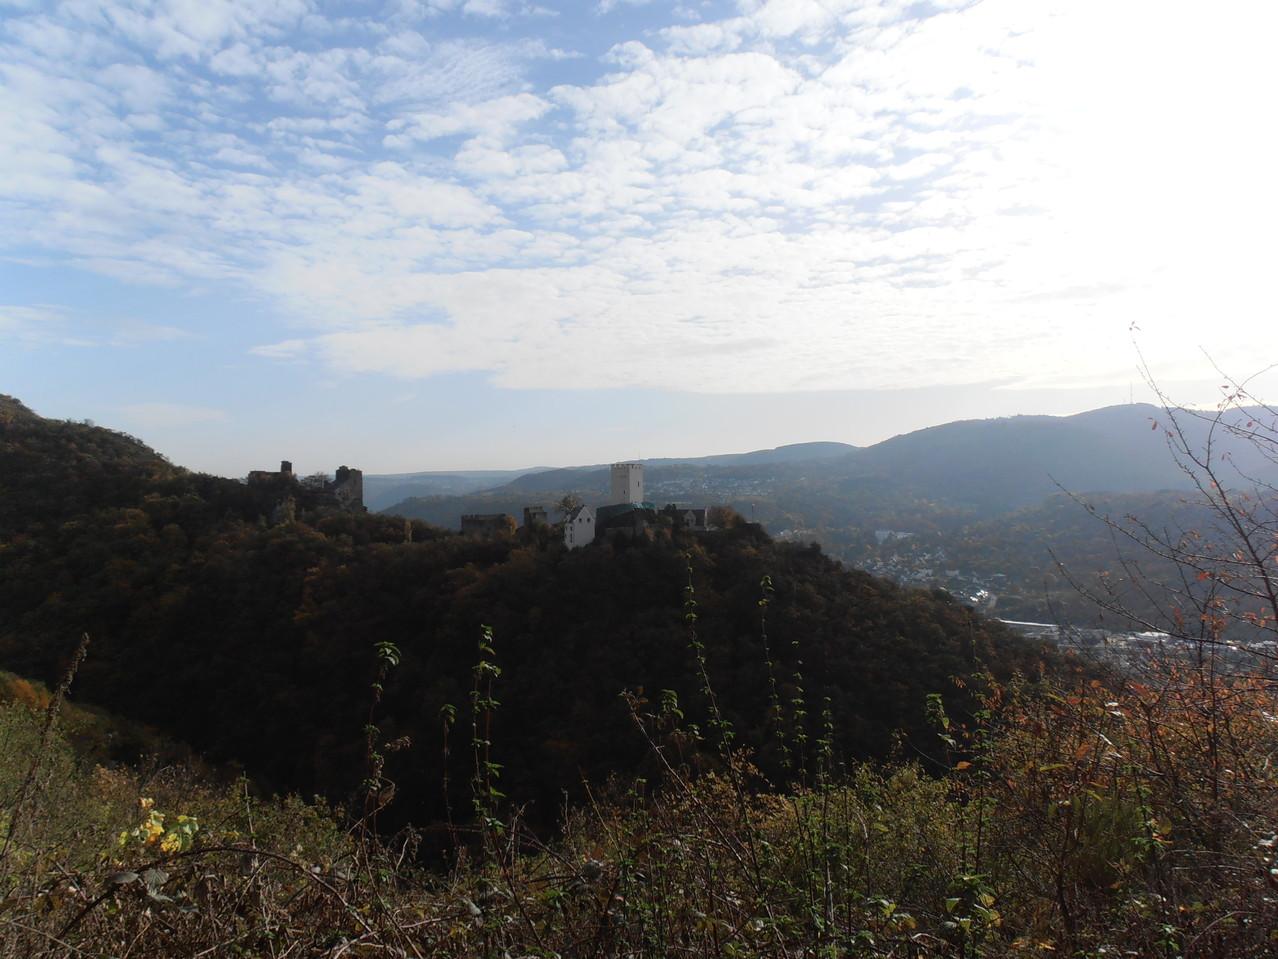 Die Burgen im Hintergrund